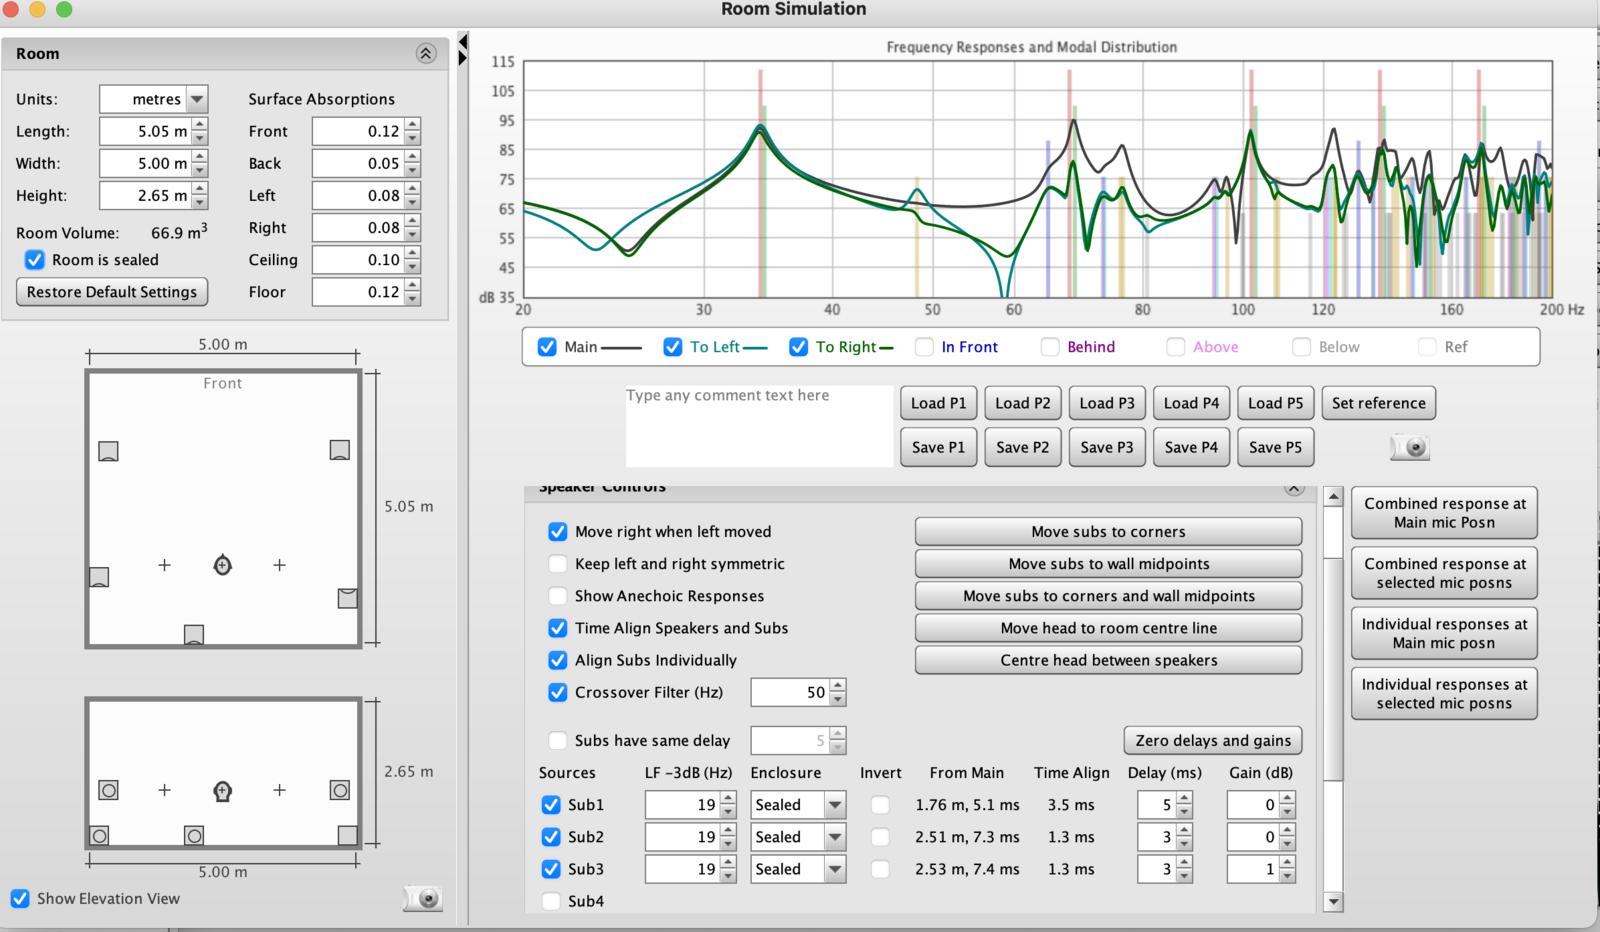 Screenshot 2021-05-25 at 03.15.11.png